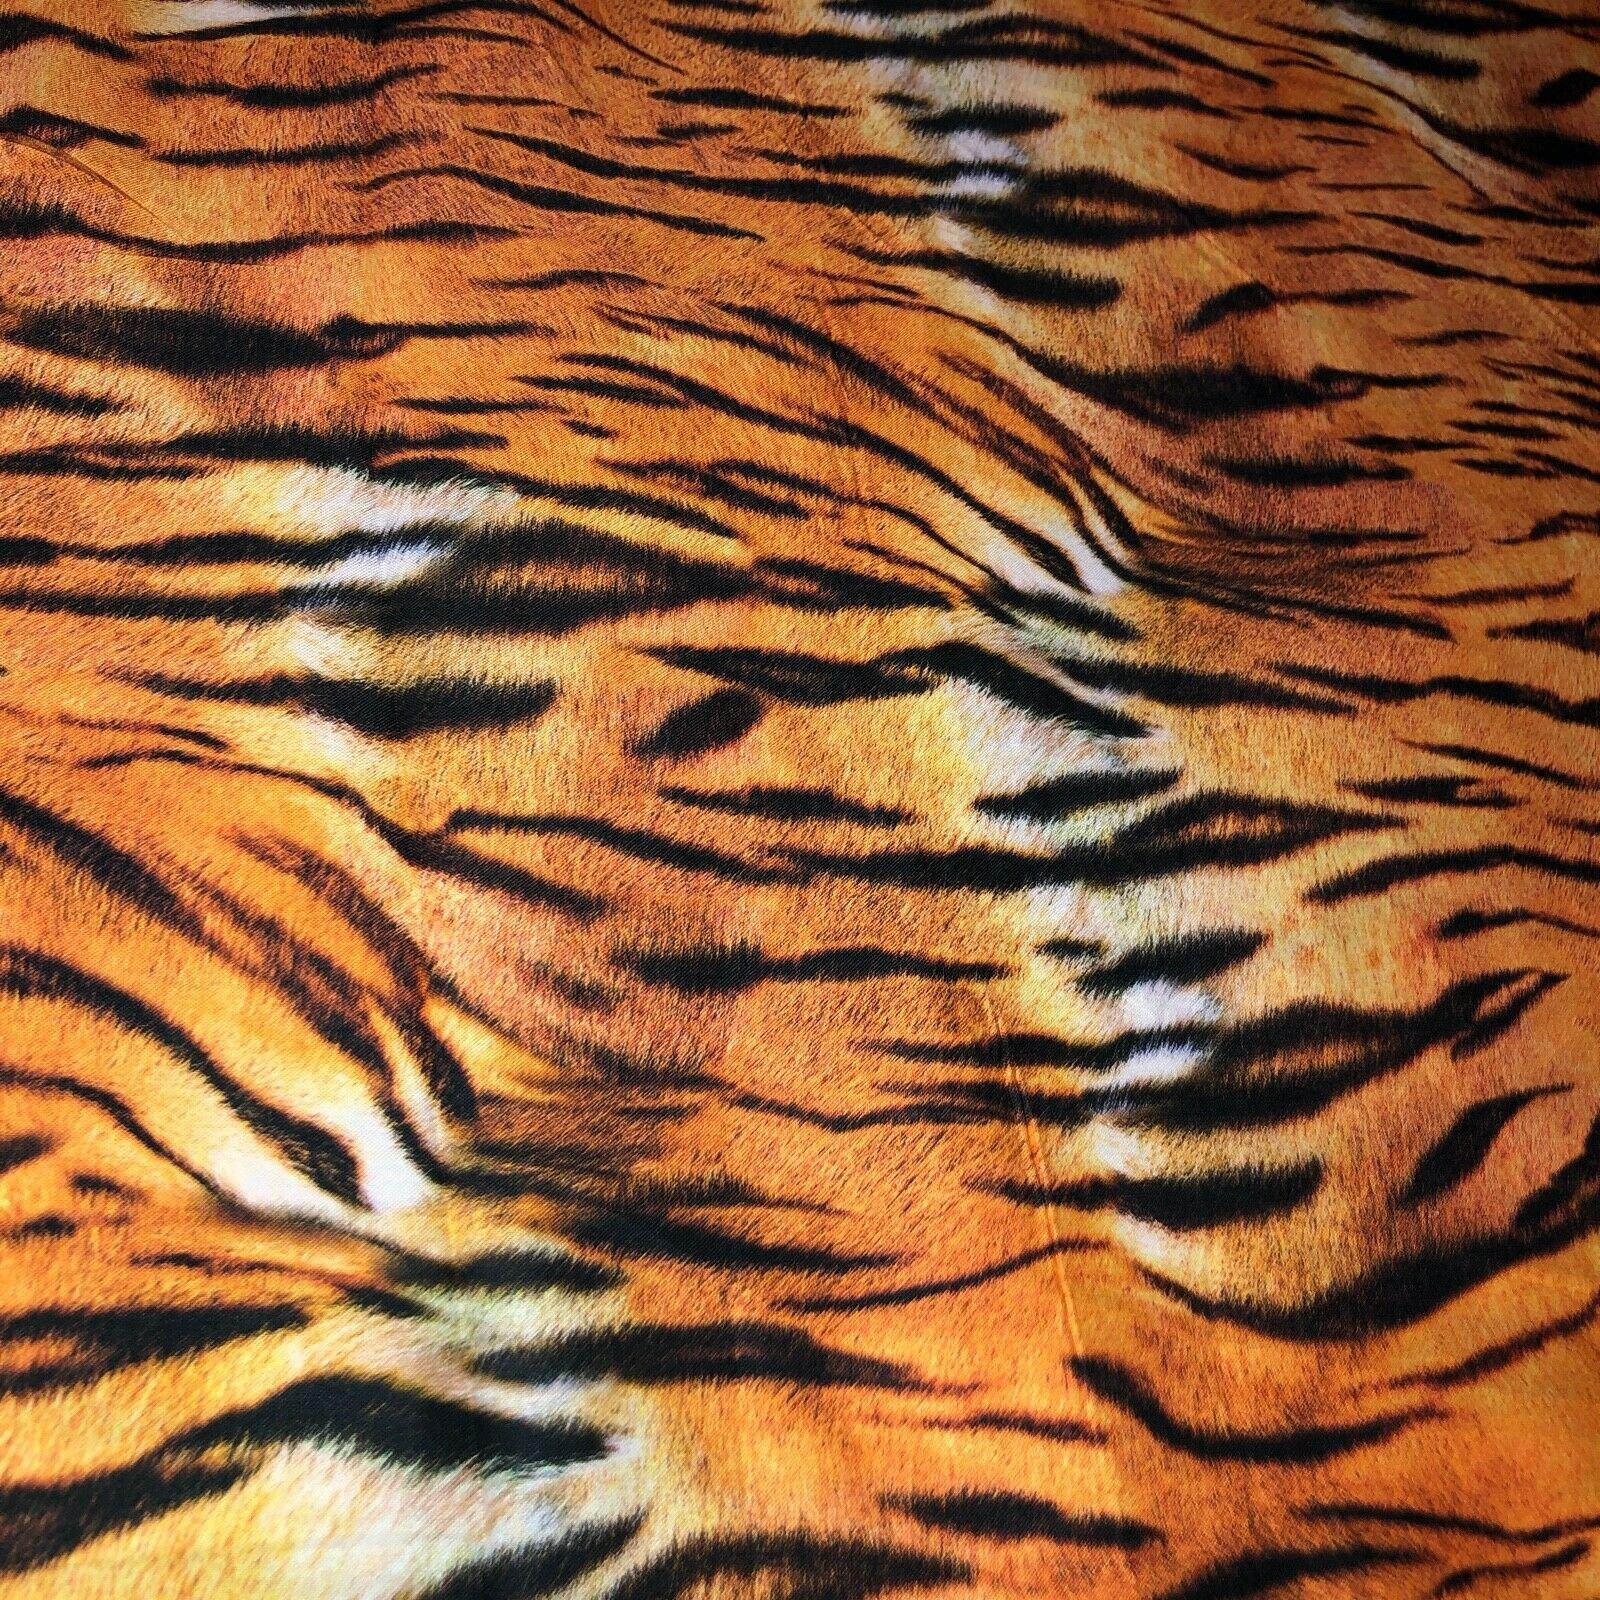 RK Animal Kingdom Tiger Skin 19875 286